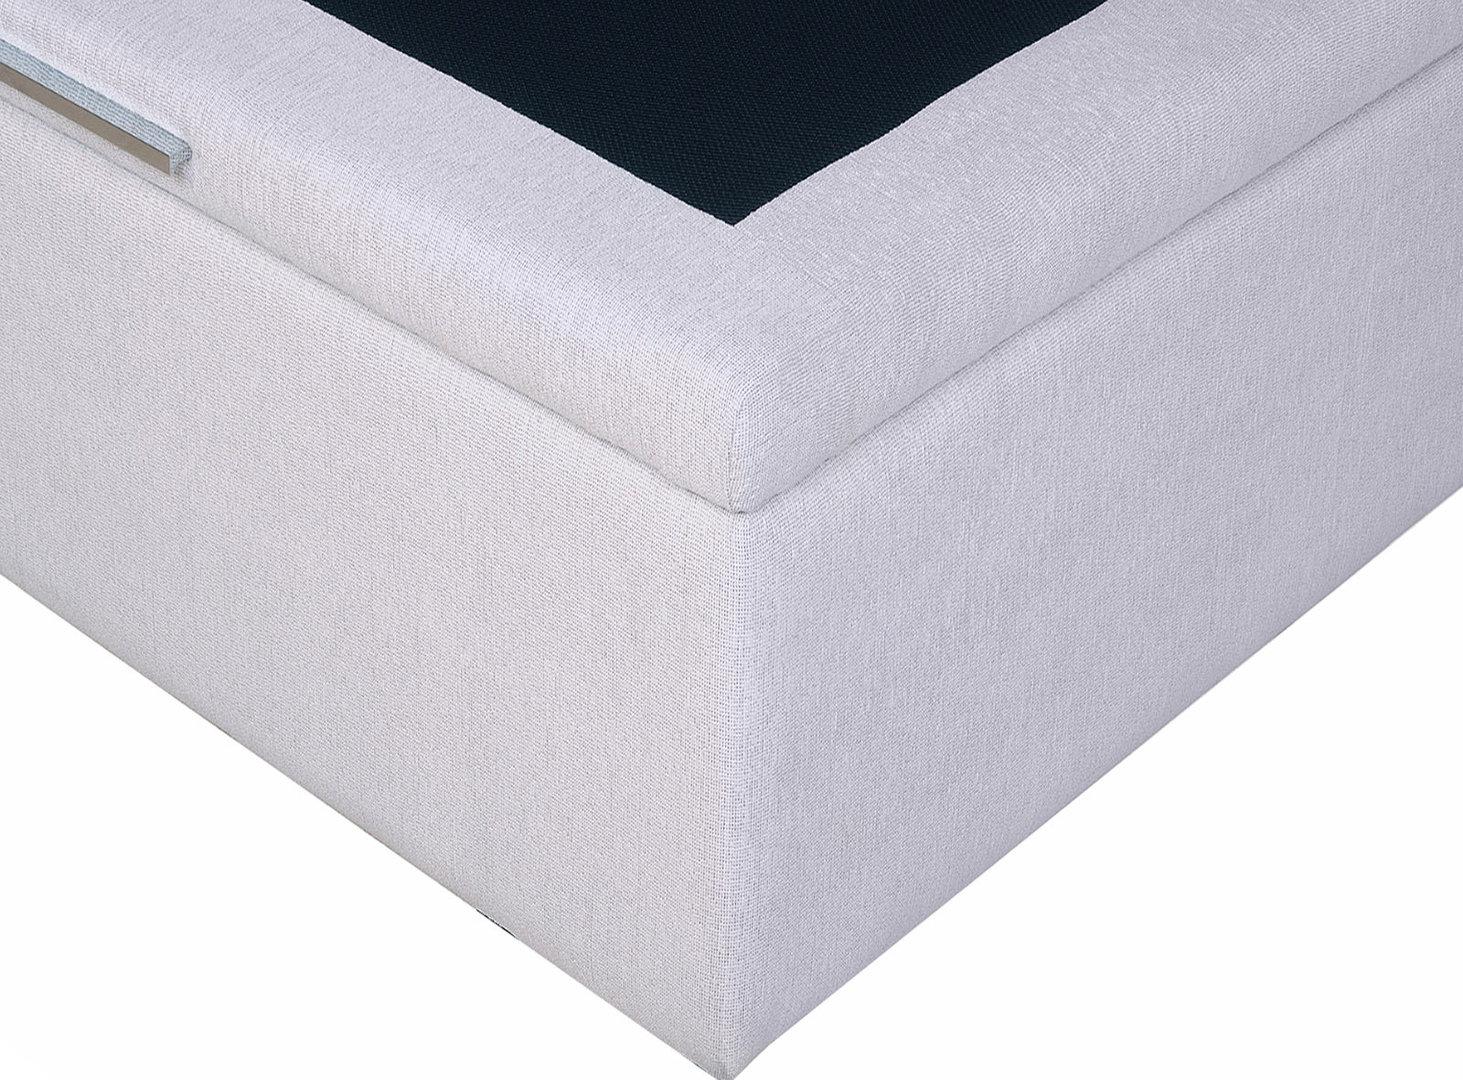 CANAPE CEOS GRAN BOX - 135 x 190 cm